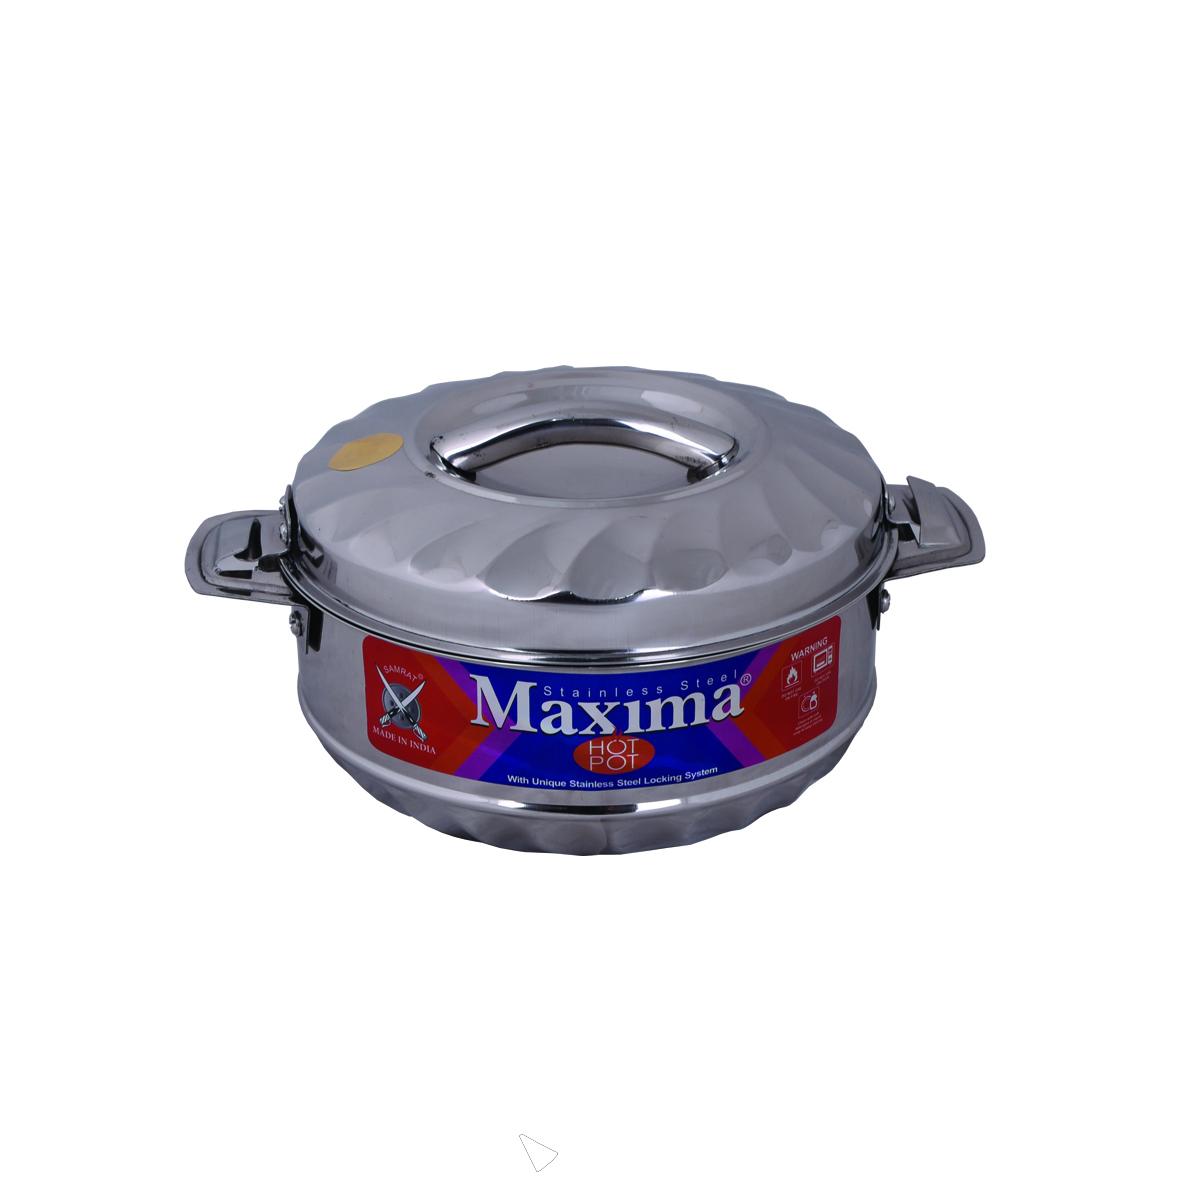 حافظة طعام ماكسيما , 1500 مل , استانلس استيل , لون فضي